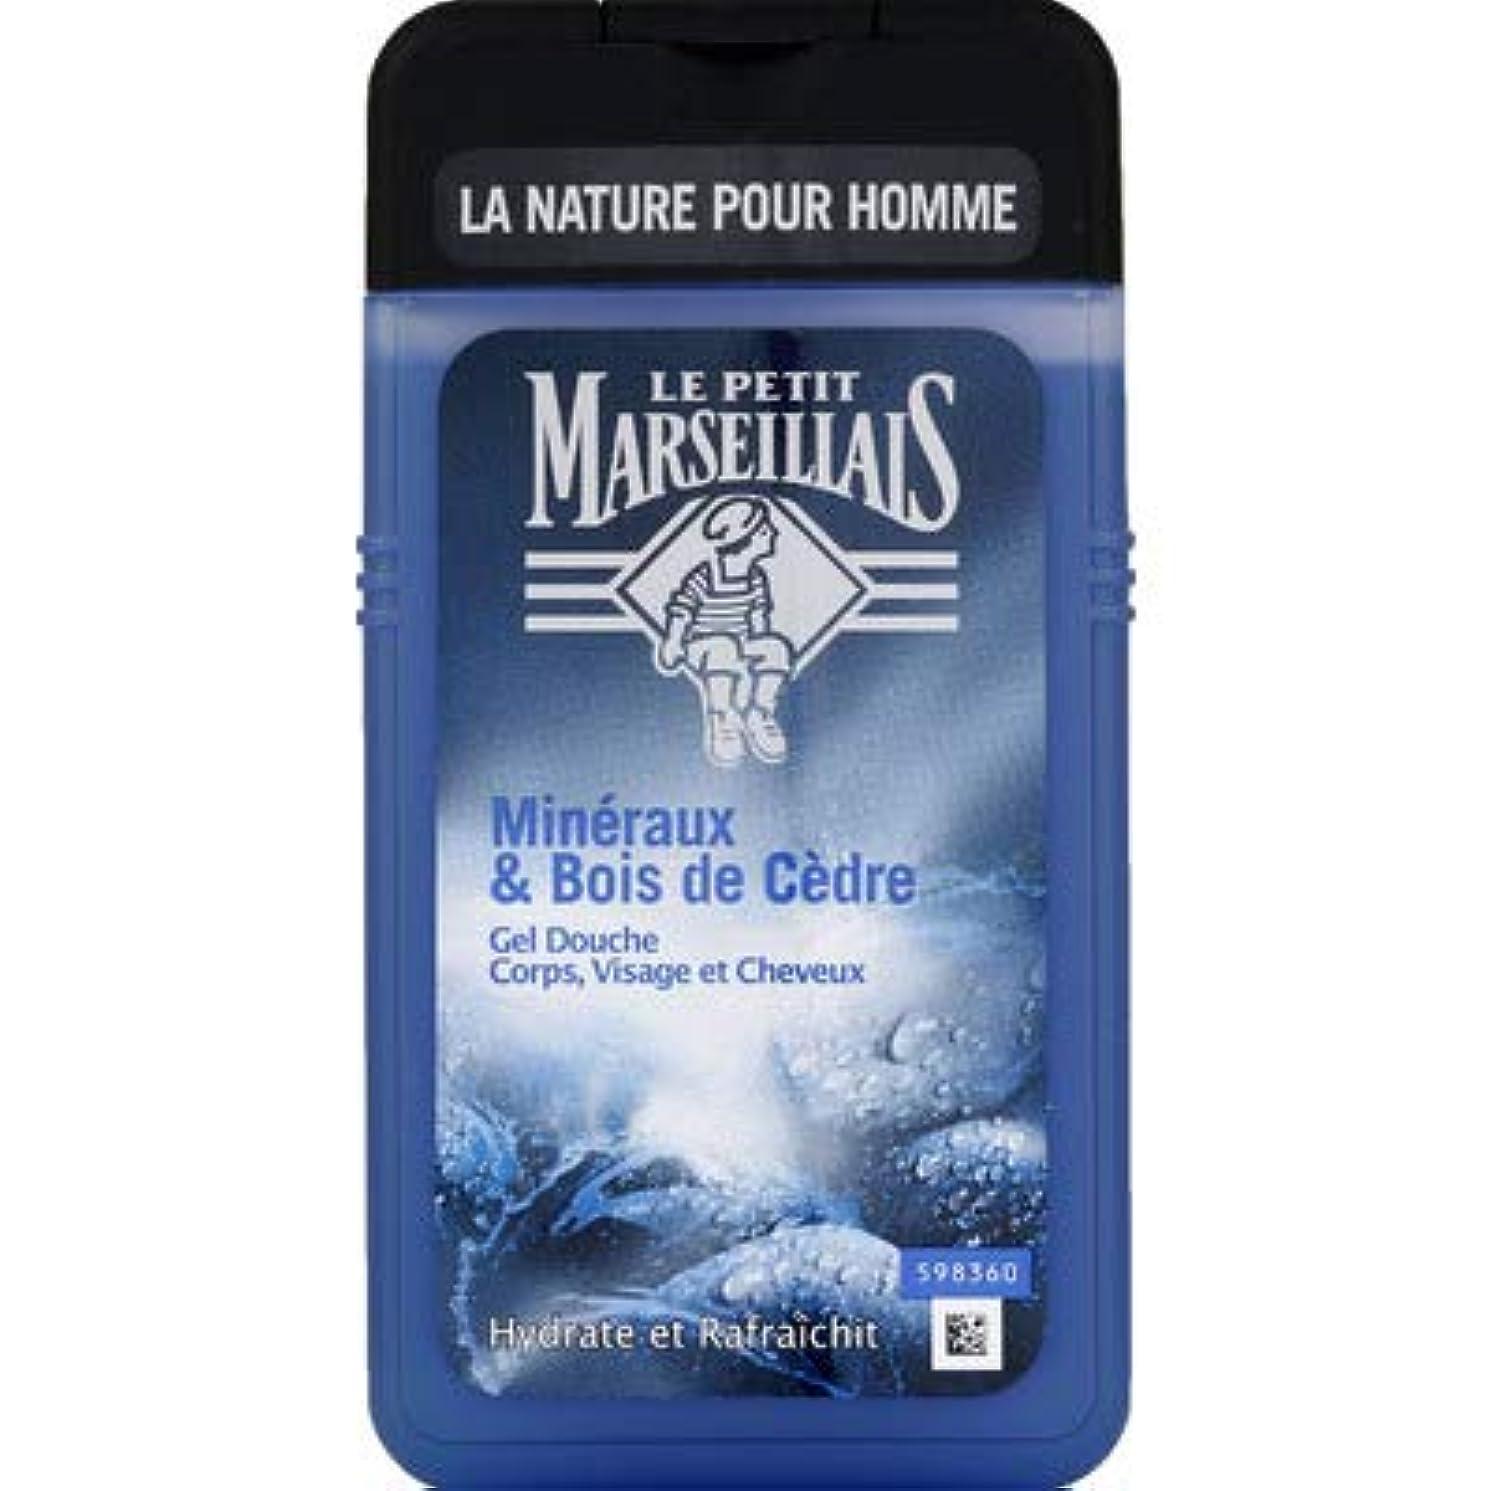 前売練習したシーフードメンズ用 顔?髪?体 ボディウォッシュ「ミネラル」と「シダーウッド」シャワージェル フランスの「ル?プティ?マルセイユ (Le Petit Marseillais)」 250ml